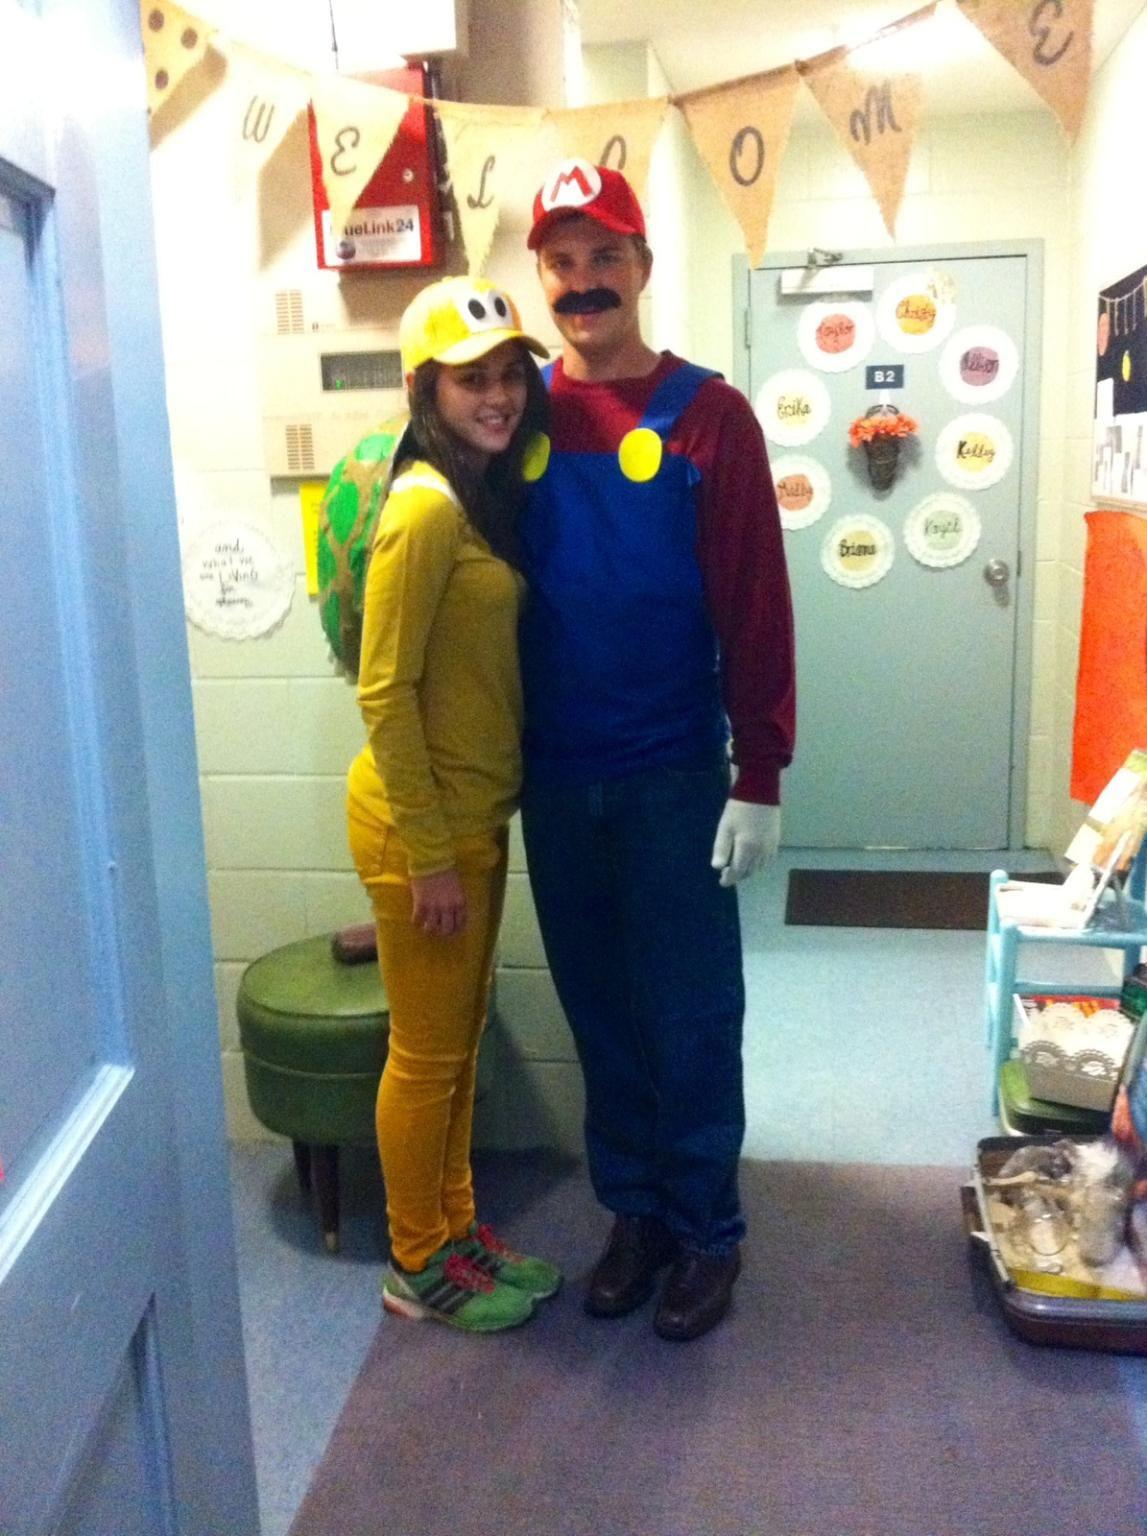 mario and koopa troopa halloween costume - Koopa Troopa Halloween Costume